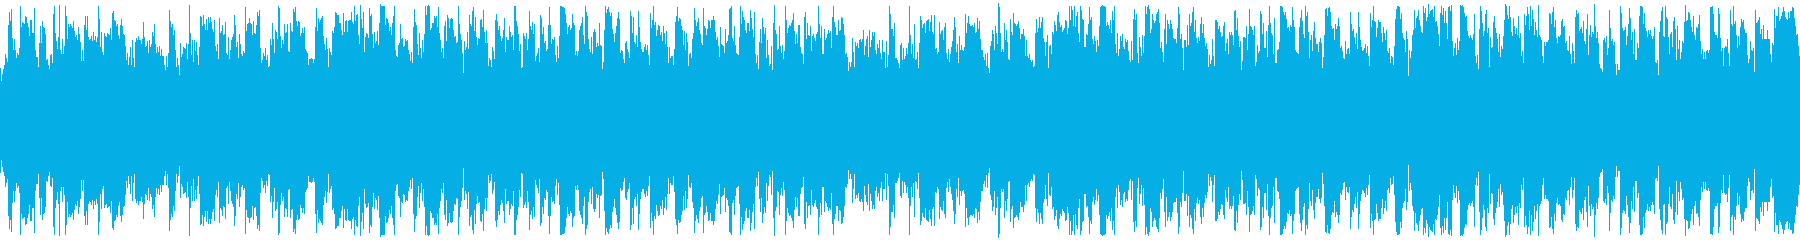 ループ・おしゃれなディスコの再生済みの波形